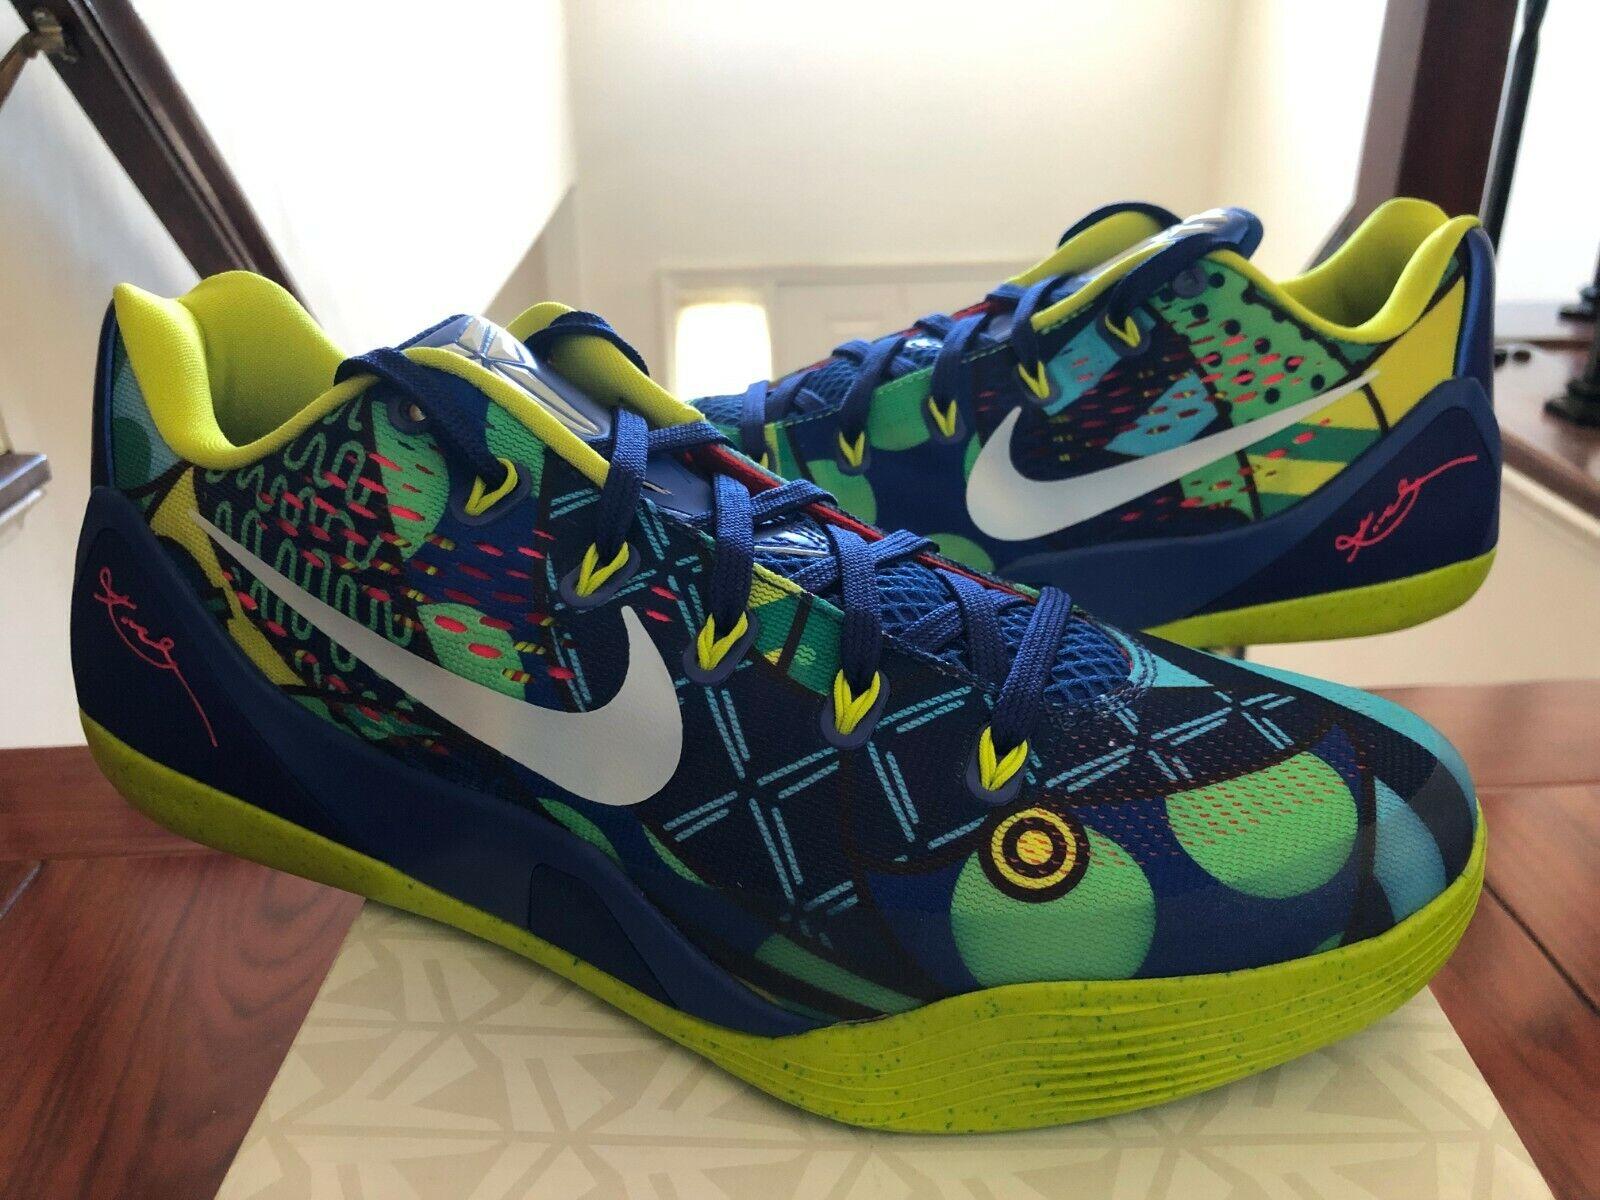 Nike Kobe IX EM 9  Brazil  size 10 Pre-Owned with Box 646701-413